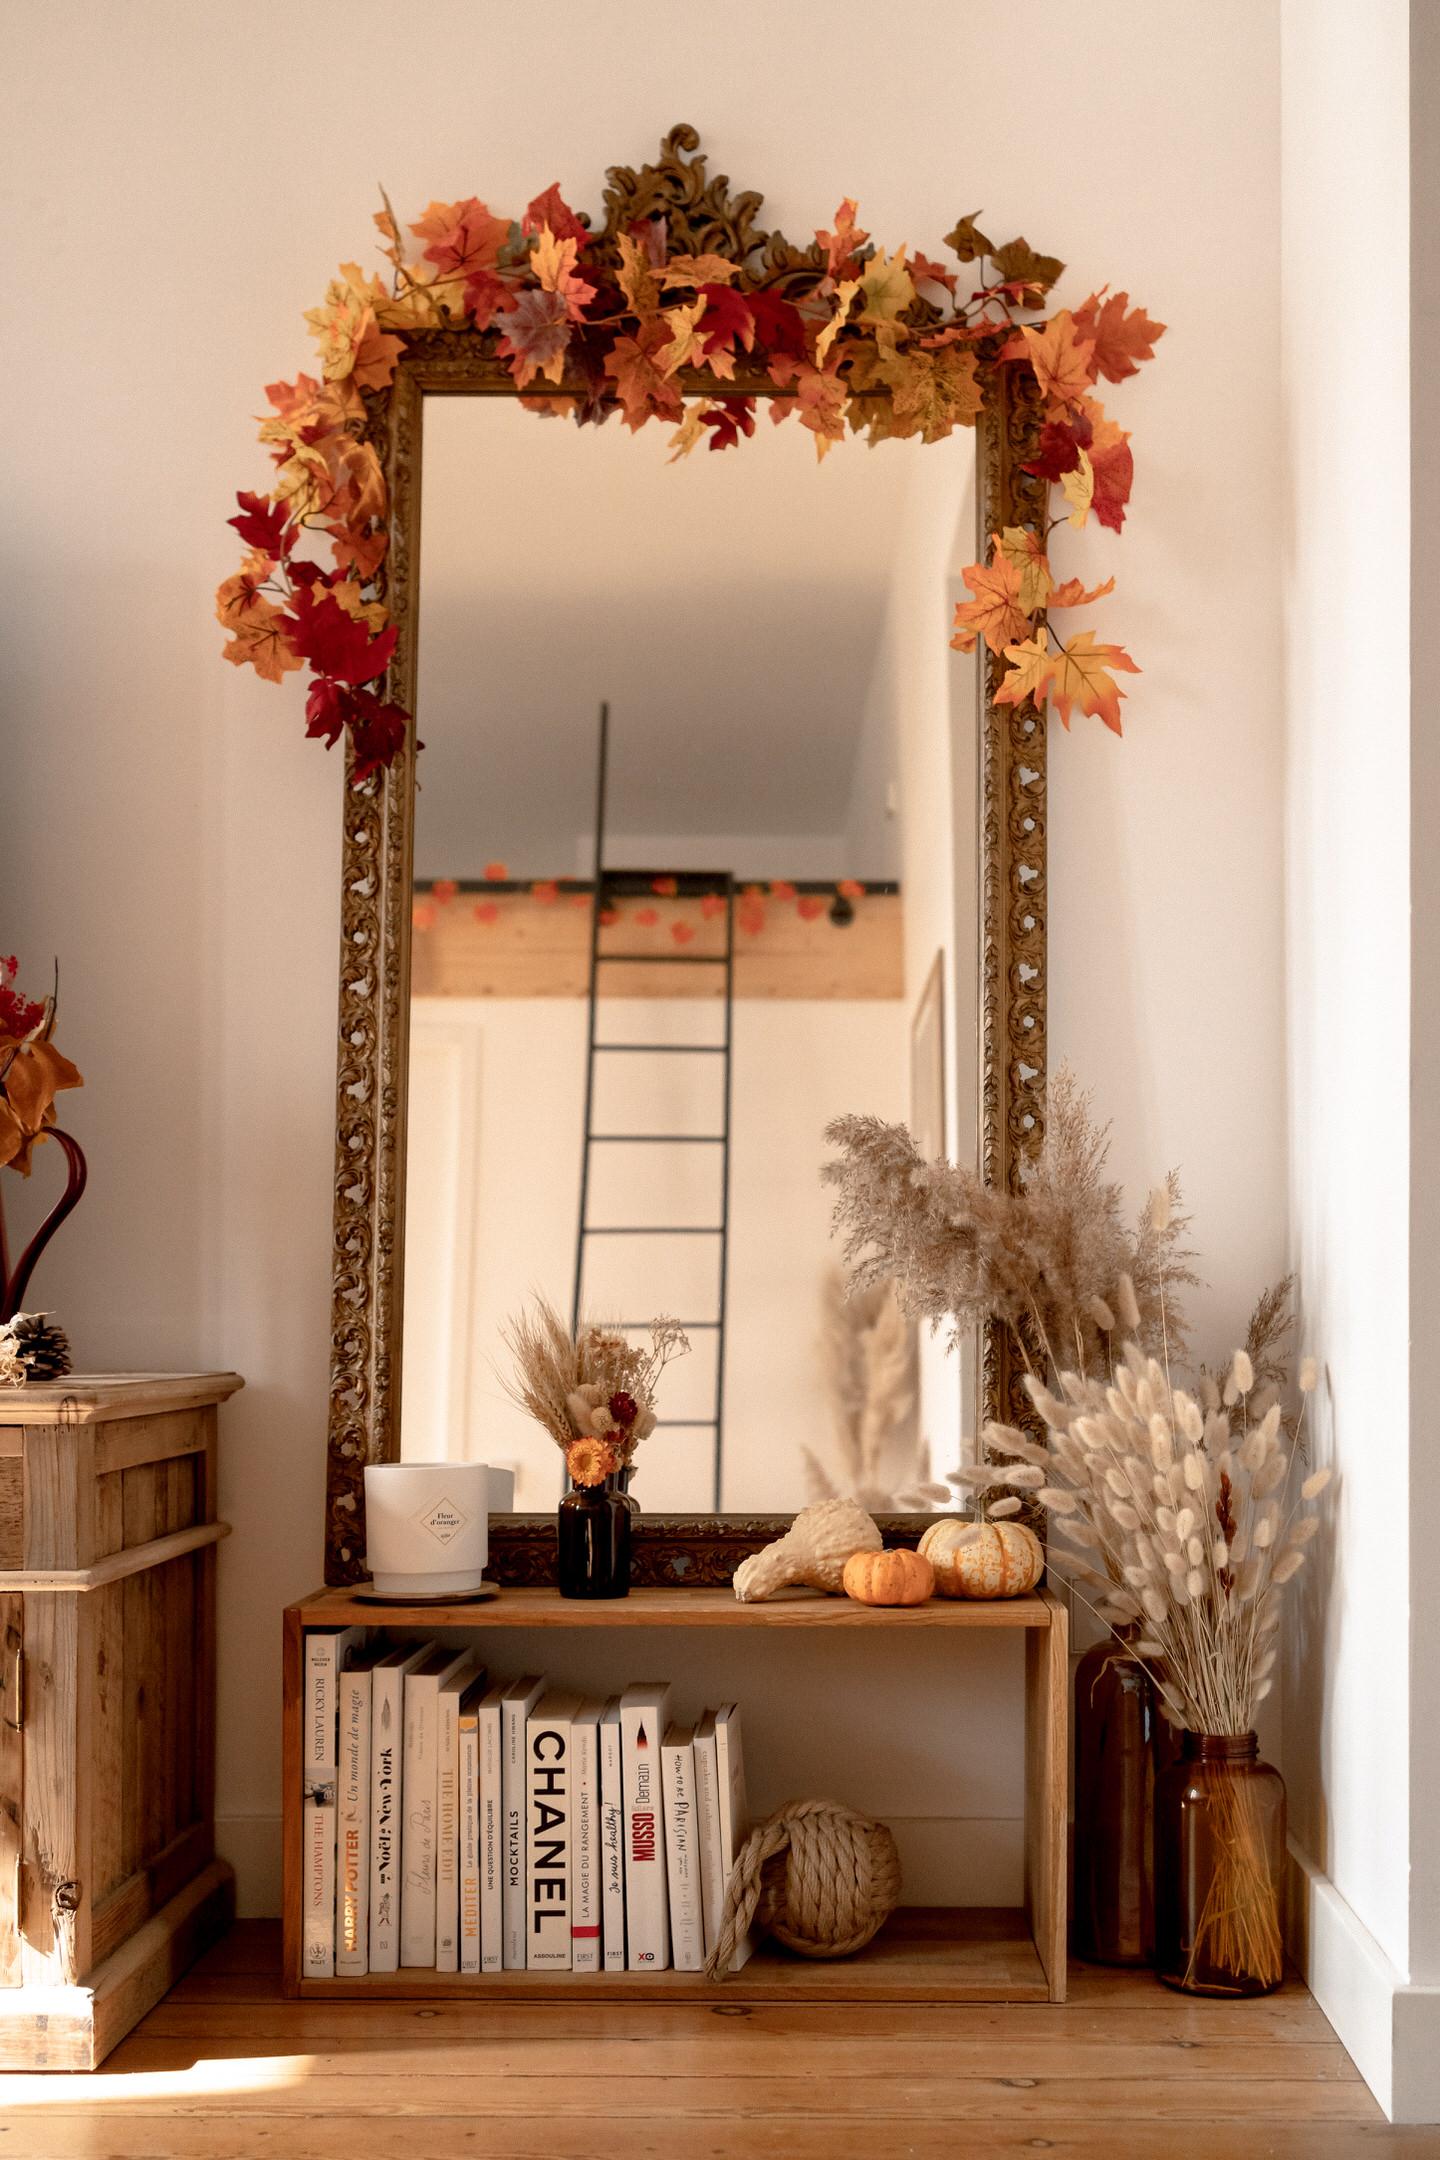 comment-decorer-interieur-automne-10